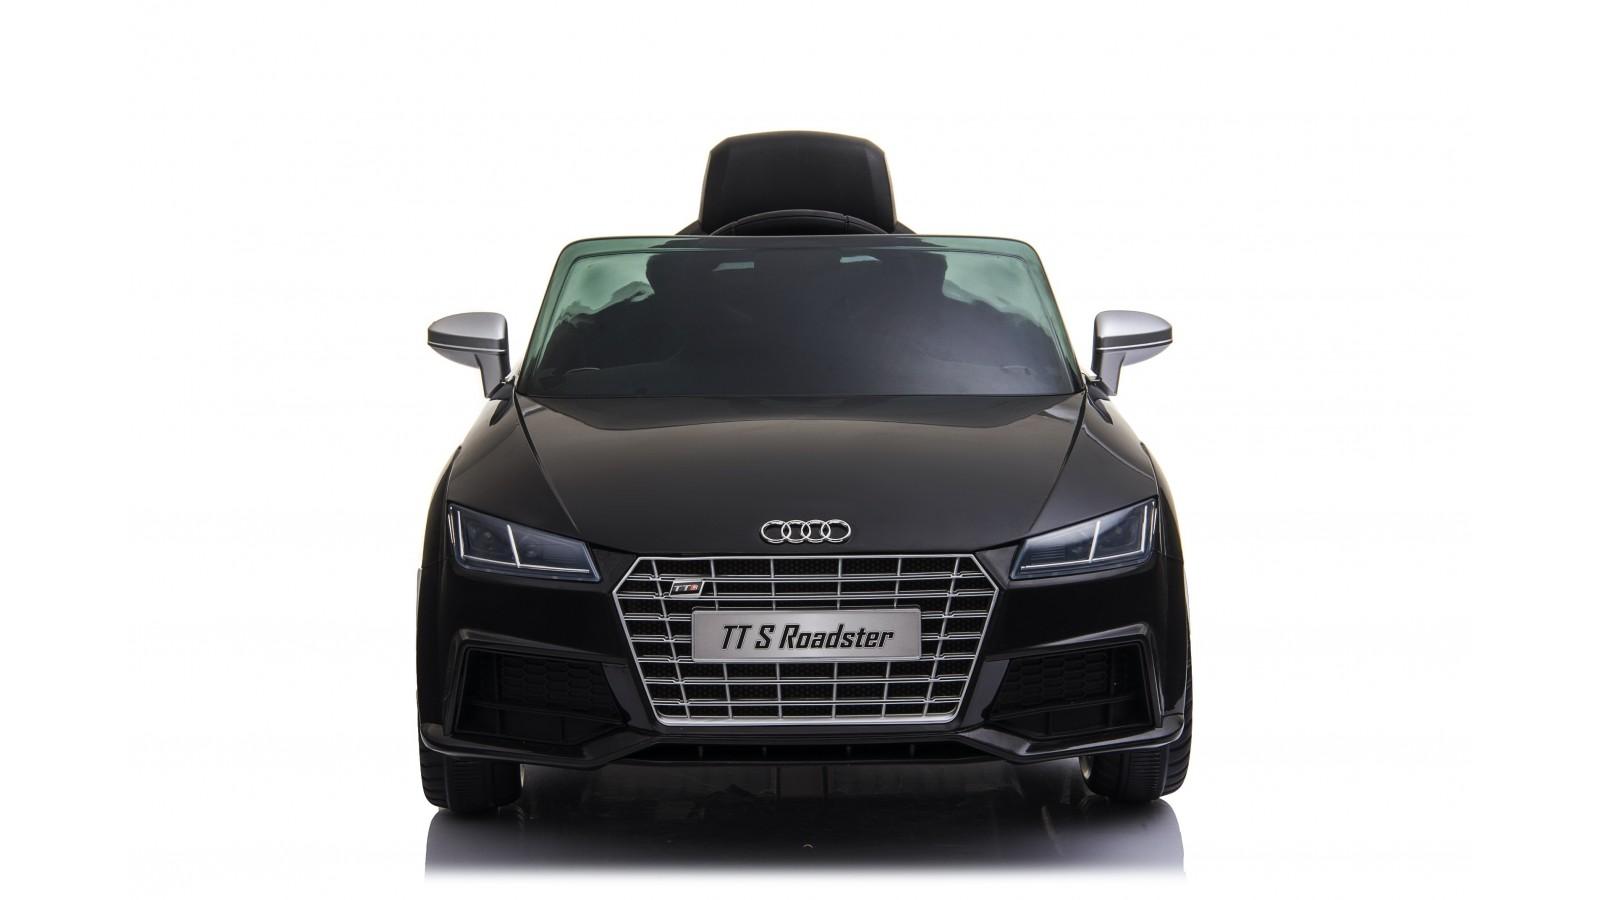 Auto Macchina Elettrica per Bambini 12V Audi TT S RoadSter Sedile Pelle con Telecomando Nera